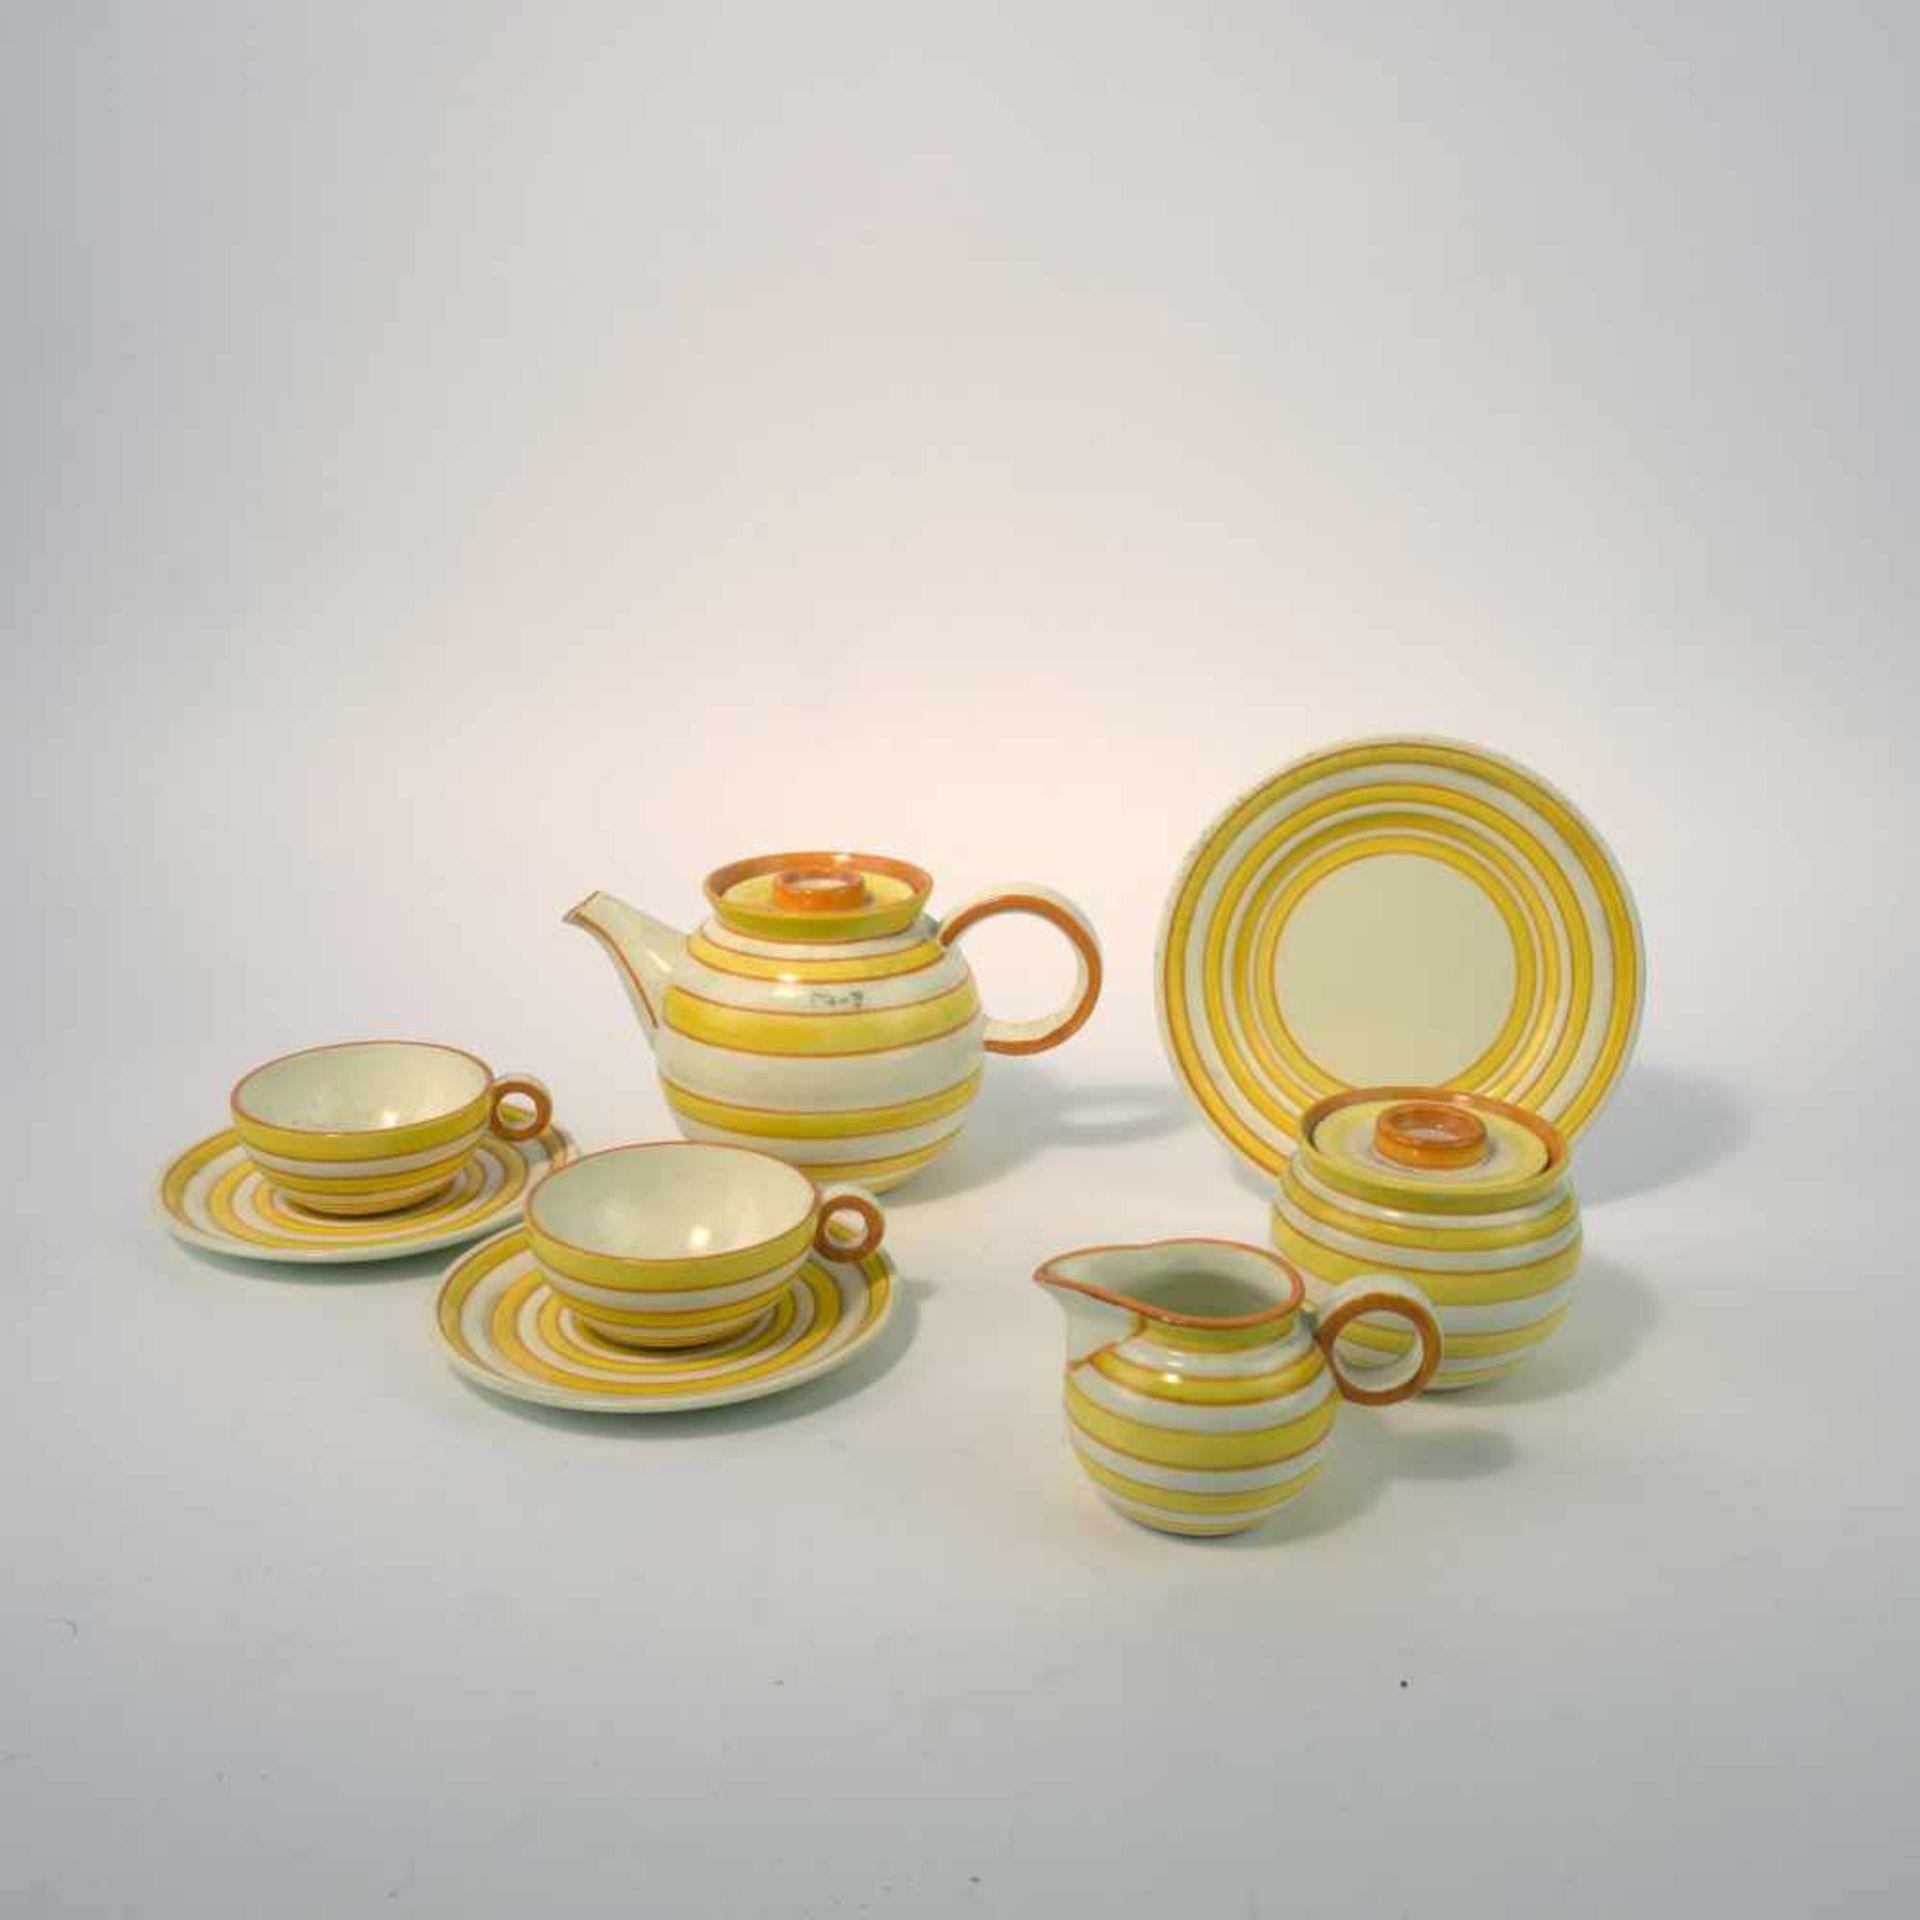 Eva Zeisel-Stricker Teeservice, um 1928 Sechs Teile. Teekanne: H. 12,7 cm; Milchkanne: H. 7,5 cm;